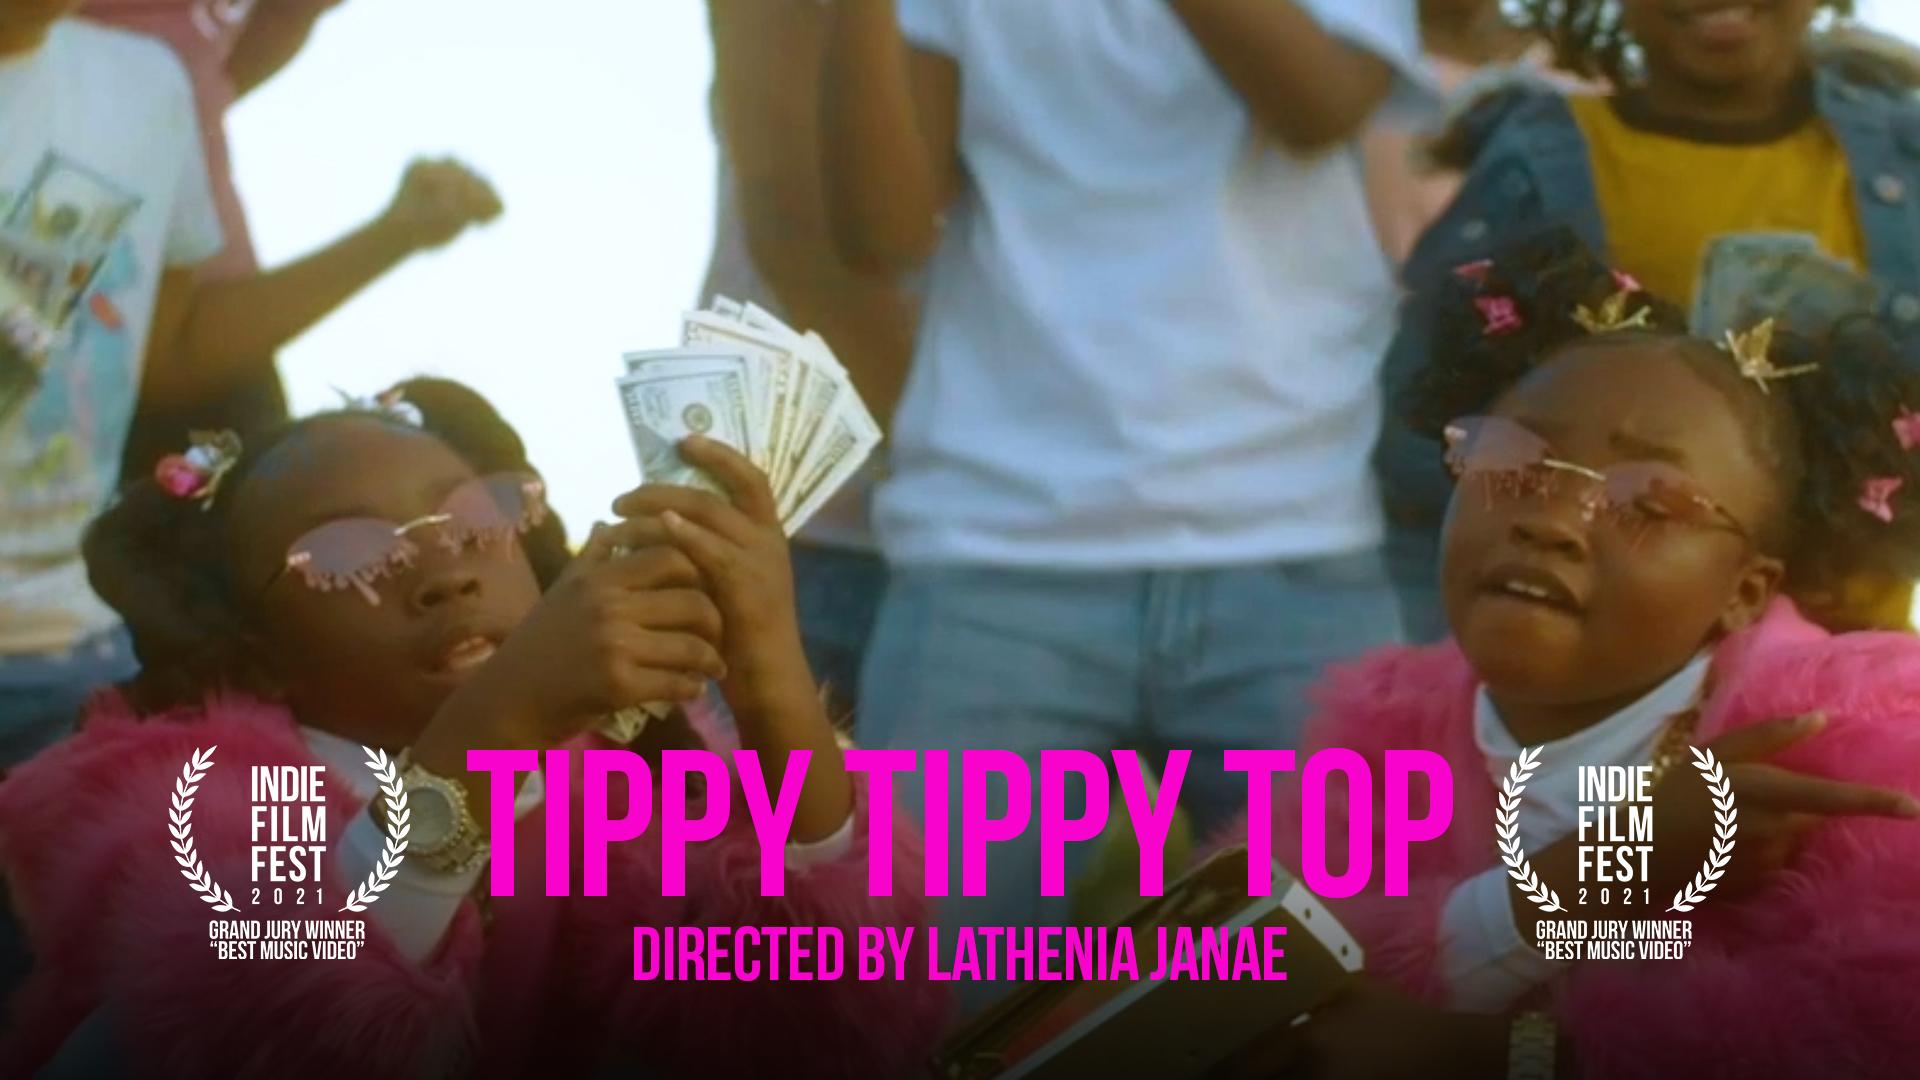 tippytippytop-4awards